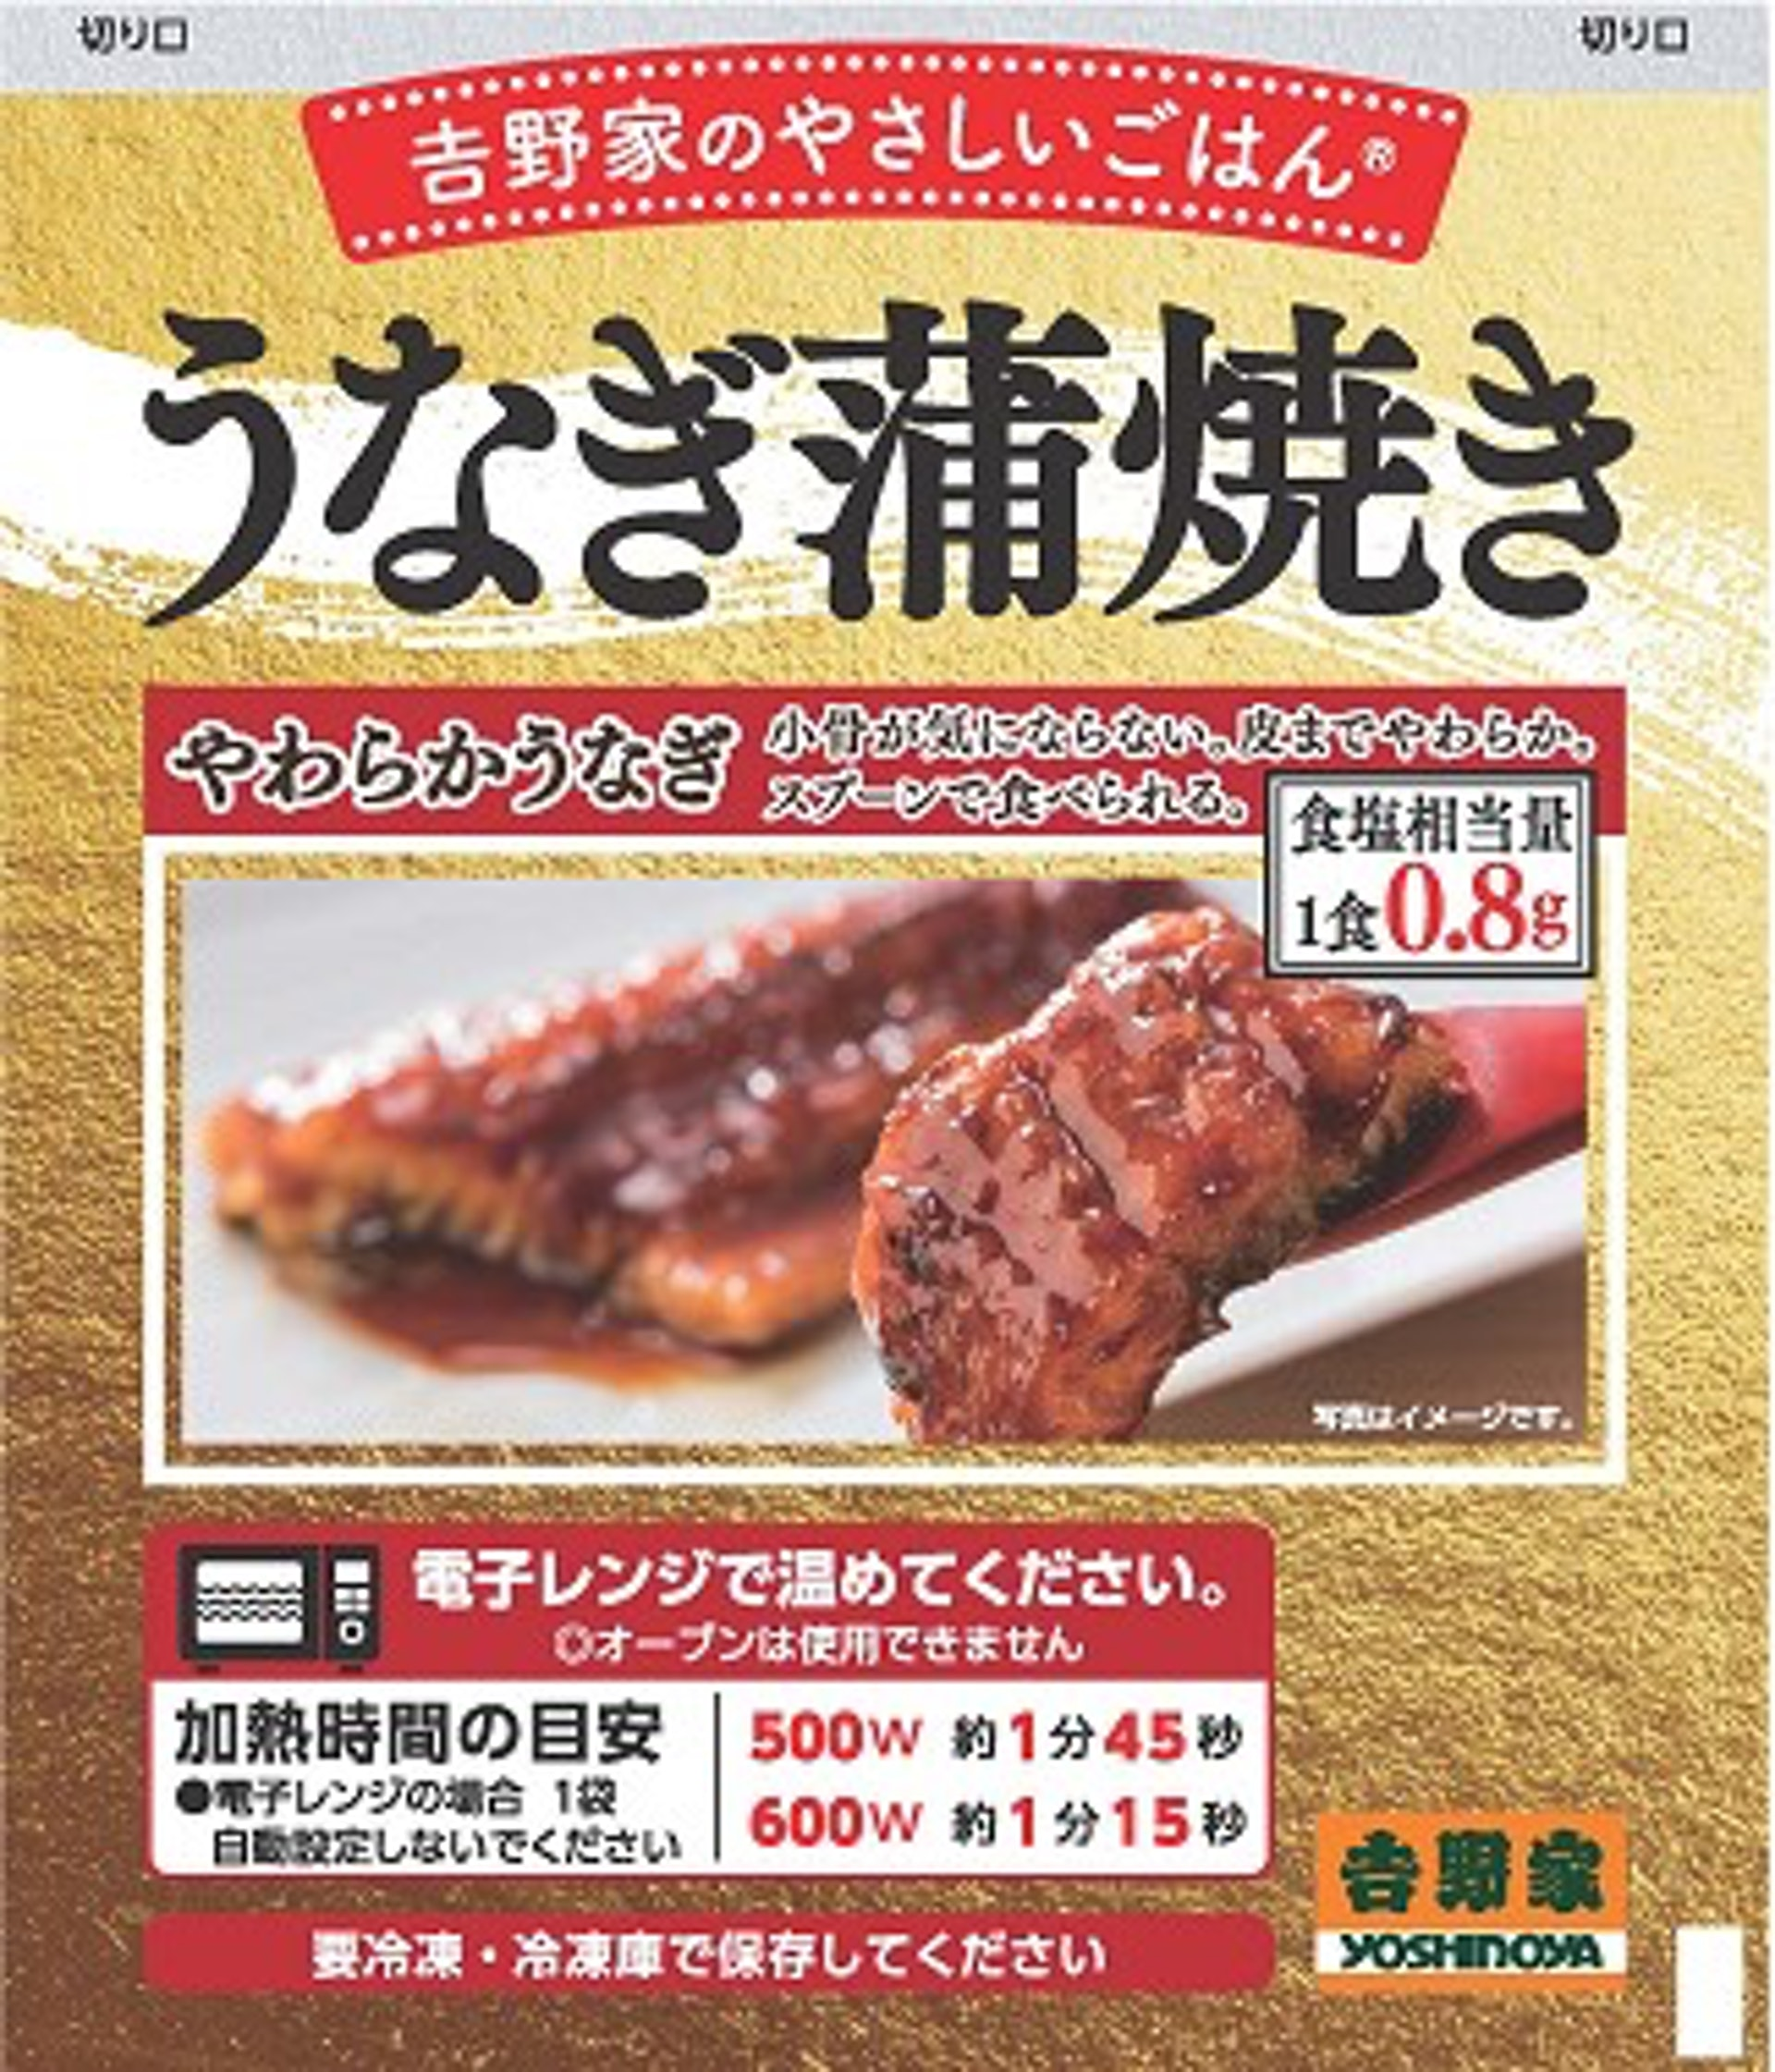 「燒鰻魚軟食」的包裝封面。(圖片摘自日本吉野家網頁)